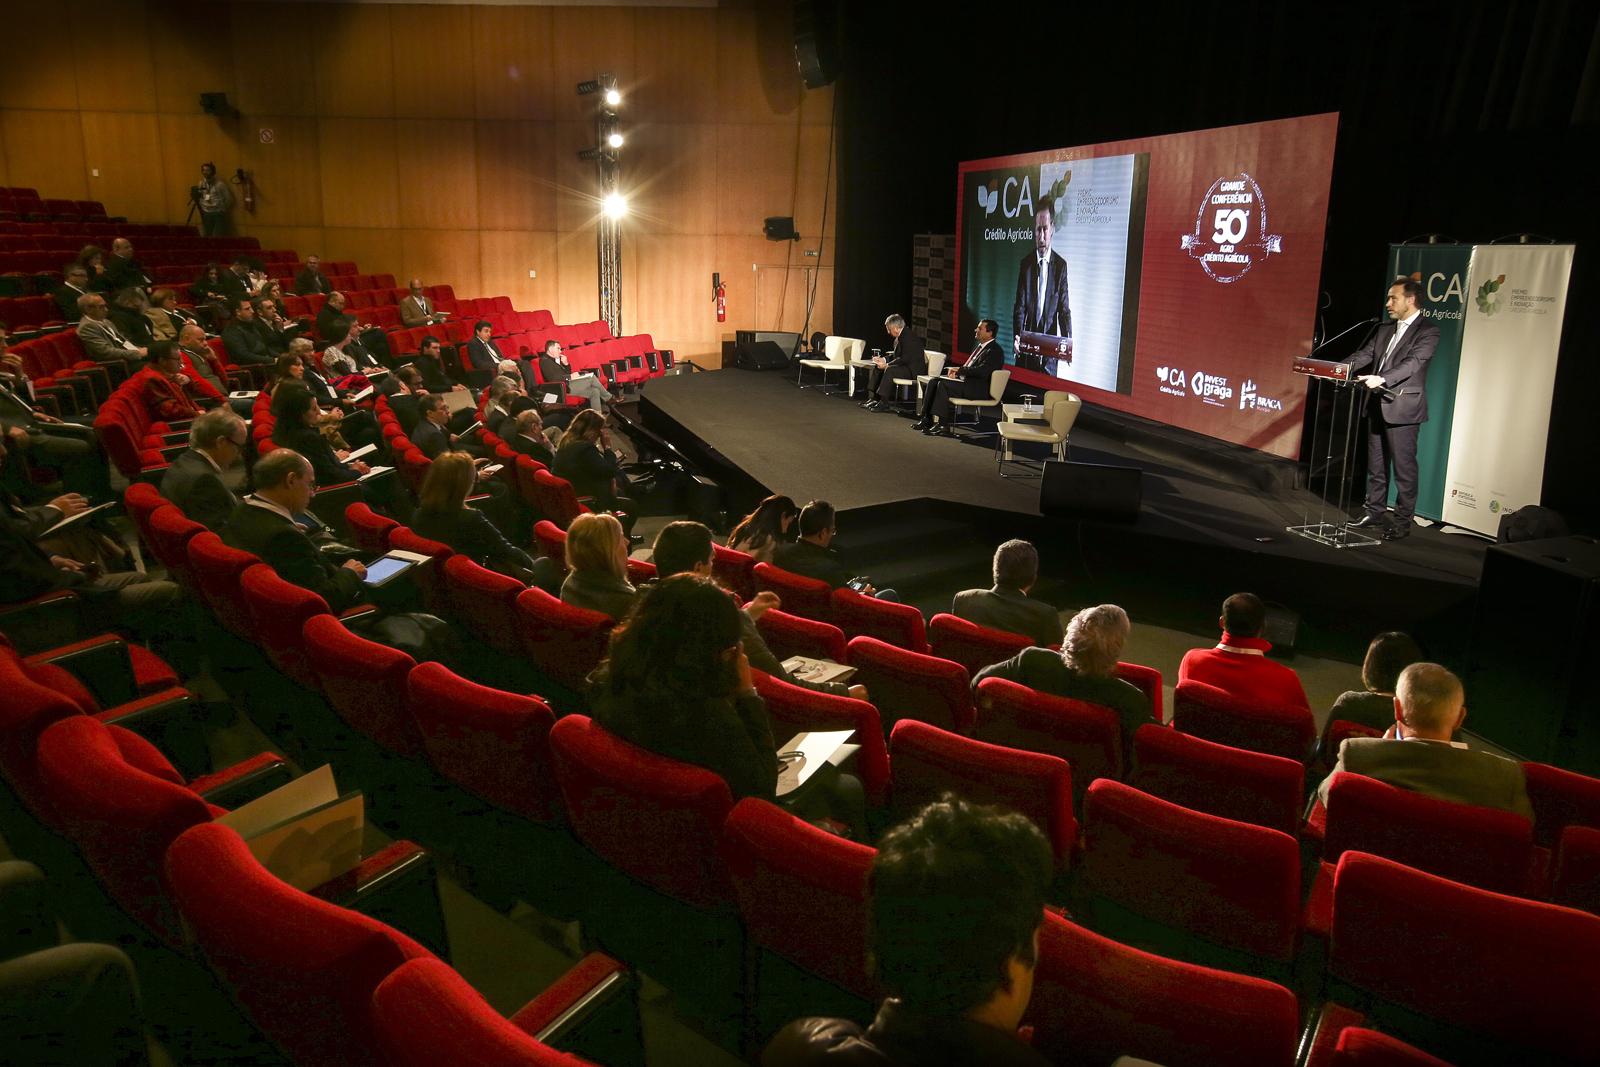 Na Grande Conferência 50º AGRO/Crédito Agrícola foram debatidos seis temas relevantes para o sector. A conferência no Grande Auditório do PEB contou com 18 oradores e nela foi feita a apresentação do Prémio Empreendedorismo e Inovação Crédito Agrícola